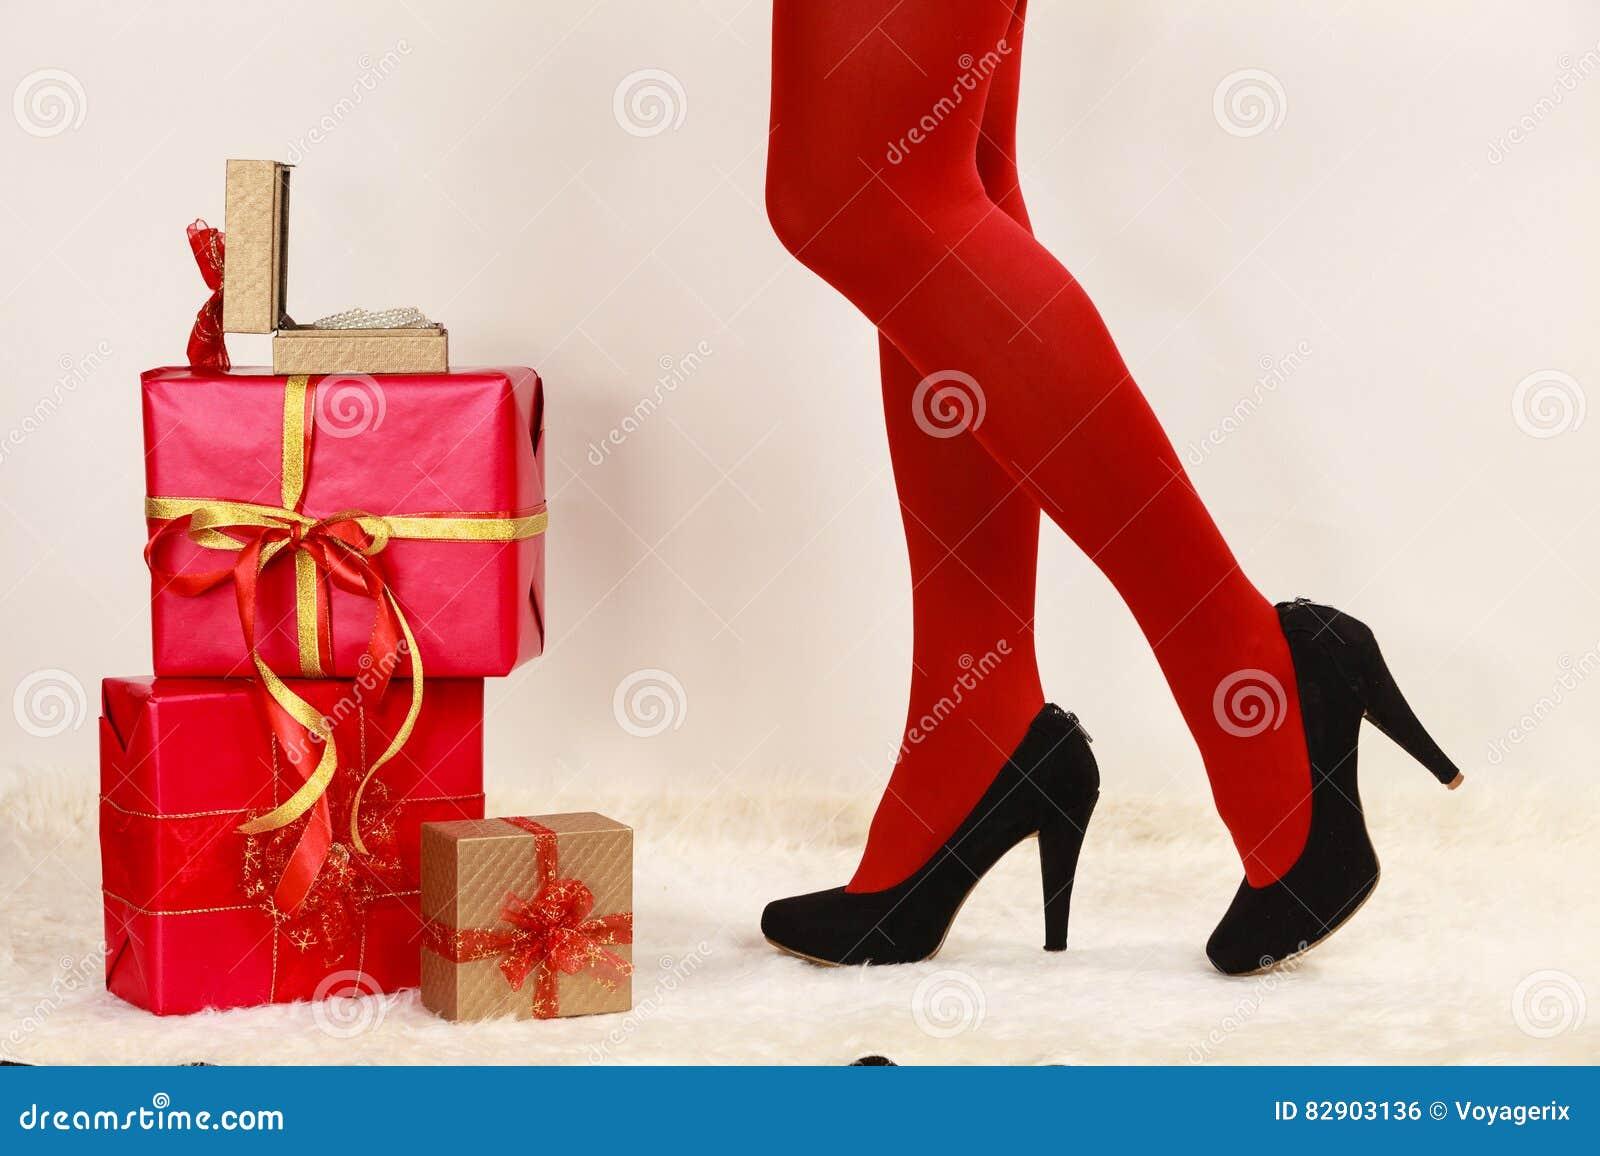 29308c01a2b6 Le gambe lunghe della donna alla moda in collant vivo rosso di colore  anneriscono le scarpe dei tacchi alti con molti contenitori di regalo di  natale su ...